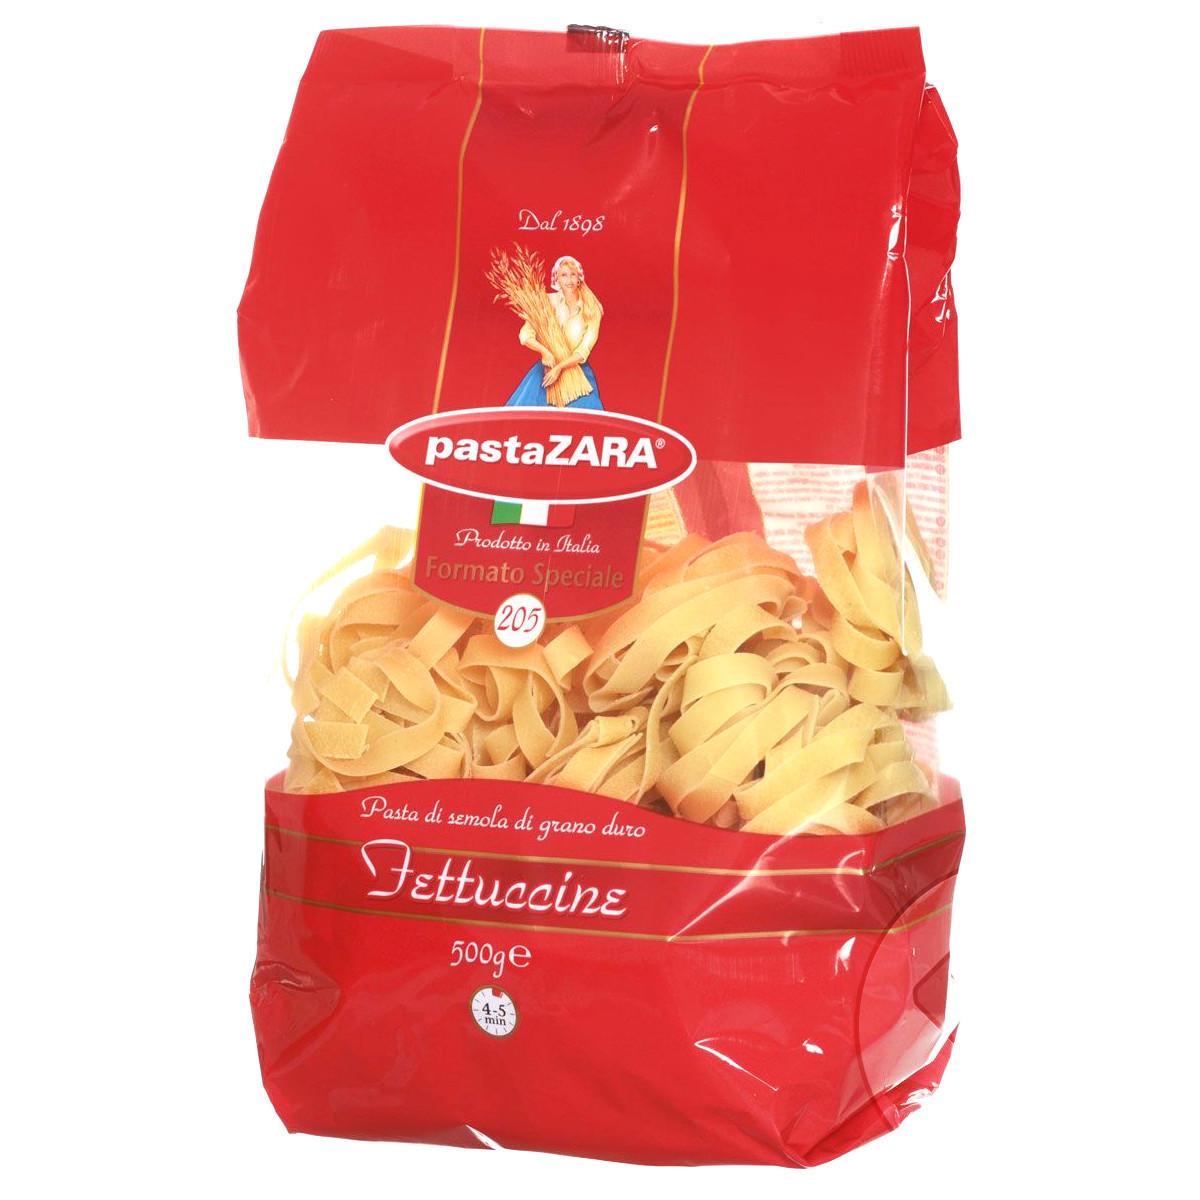 Pasta Zara Клубки яичные широкие Fettuccine макароны, 500 г pasta zara звездочки макароны 500 г